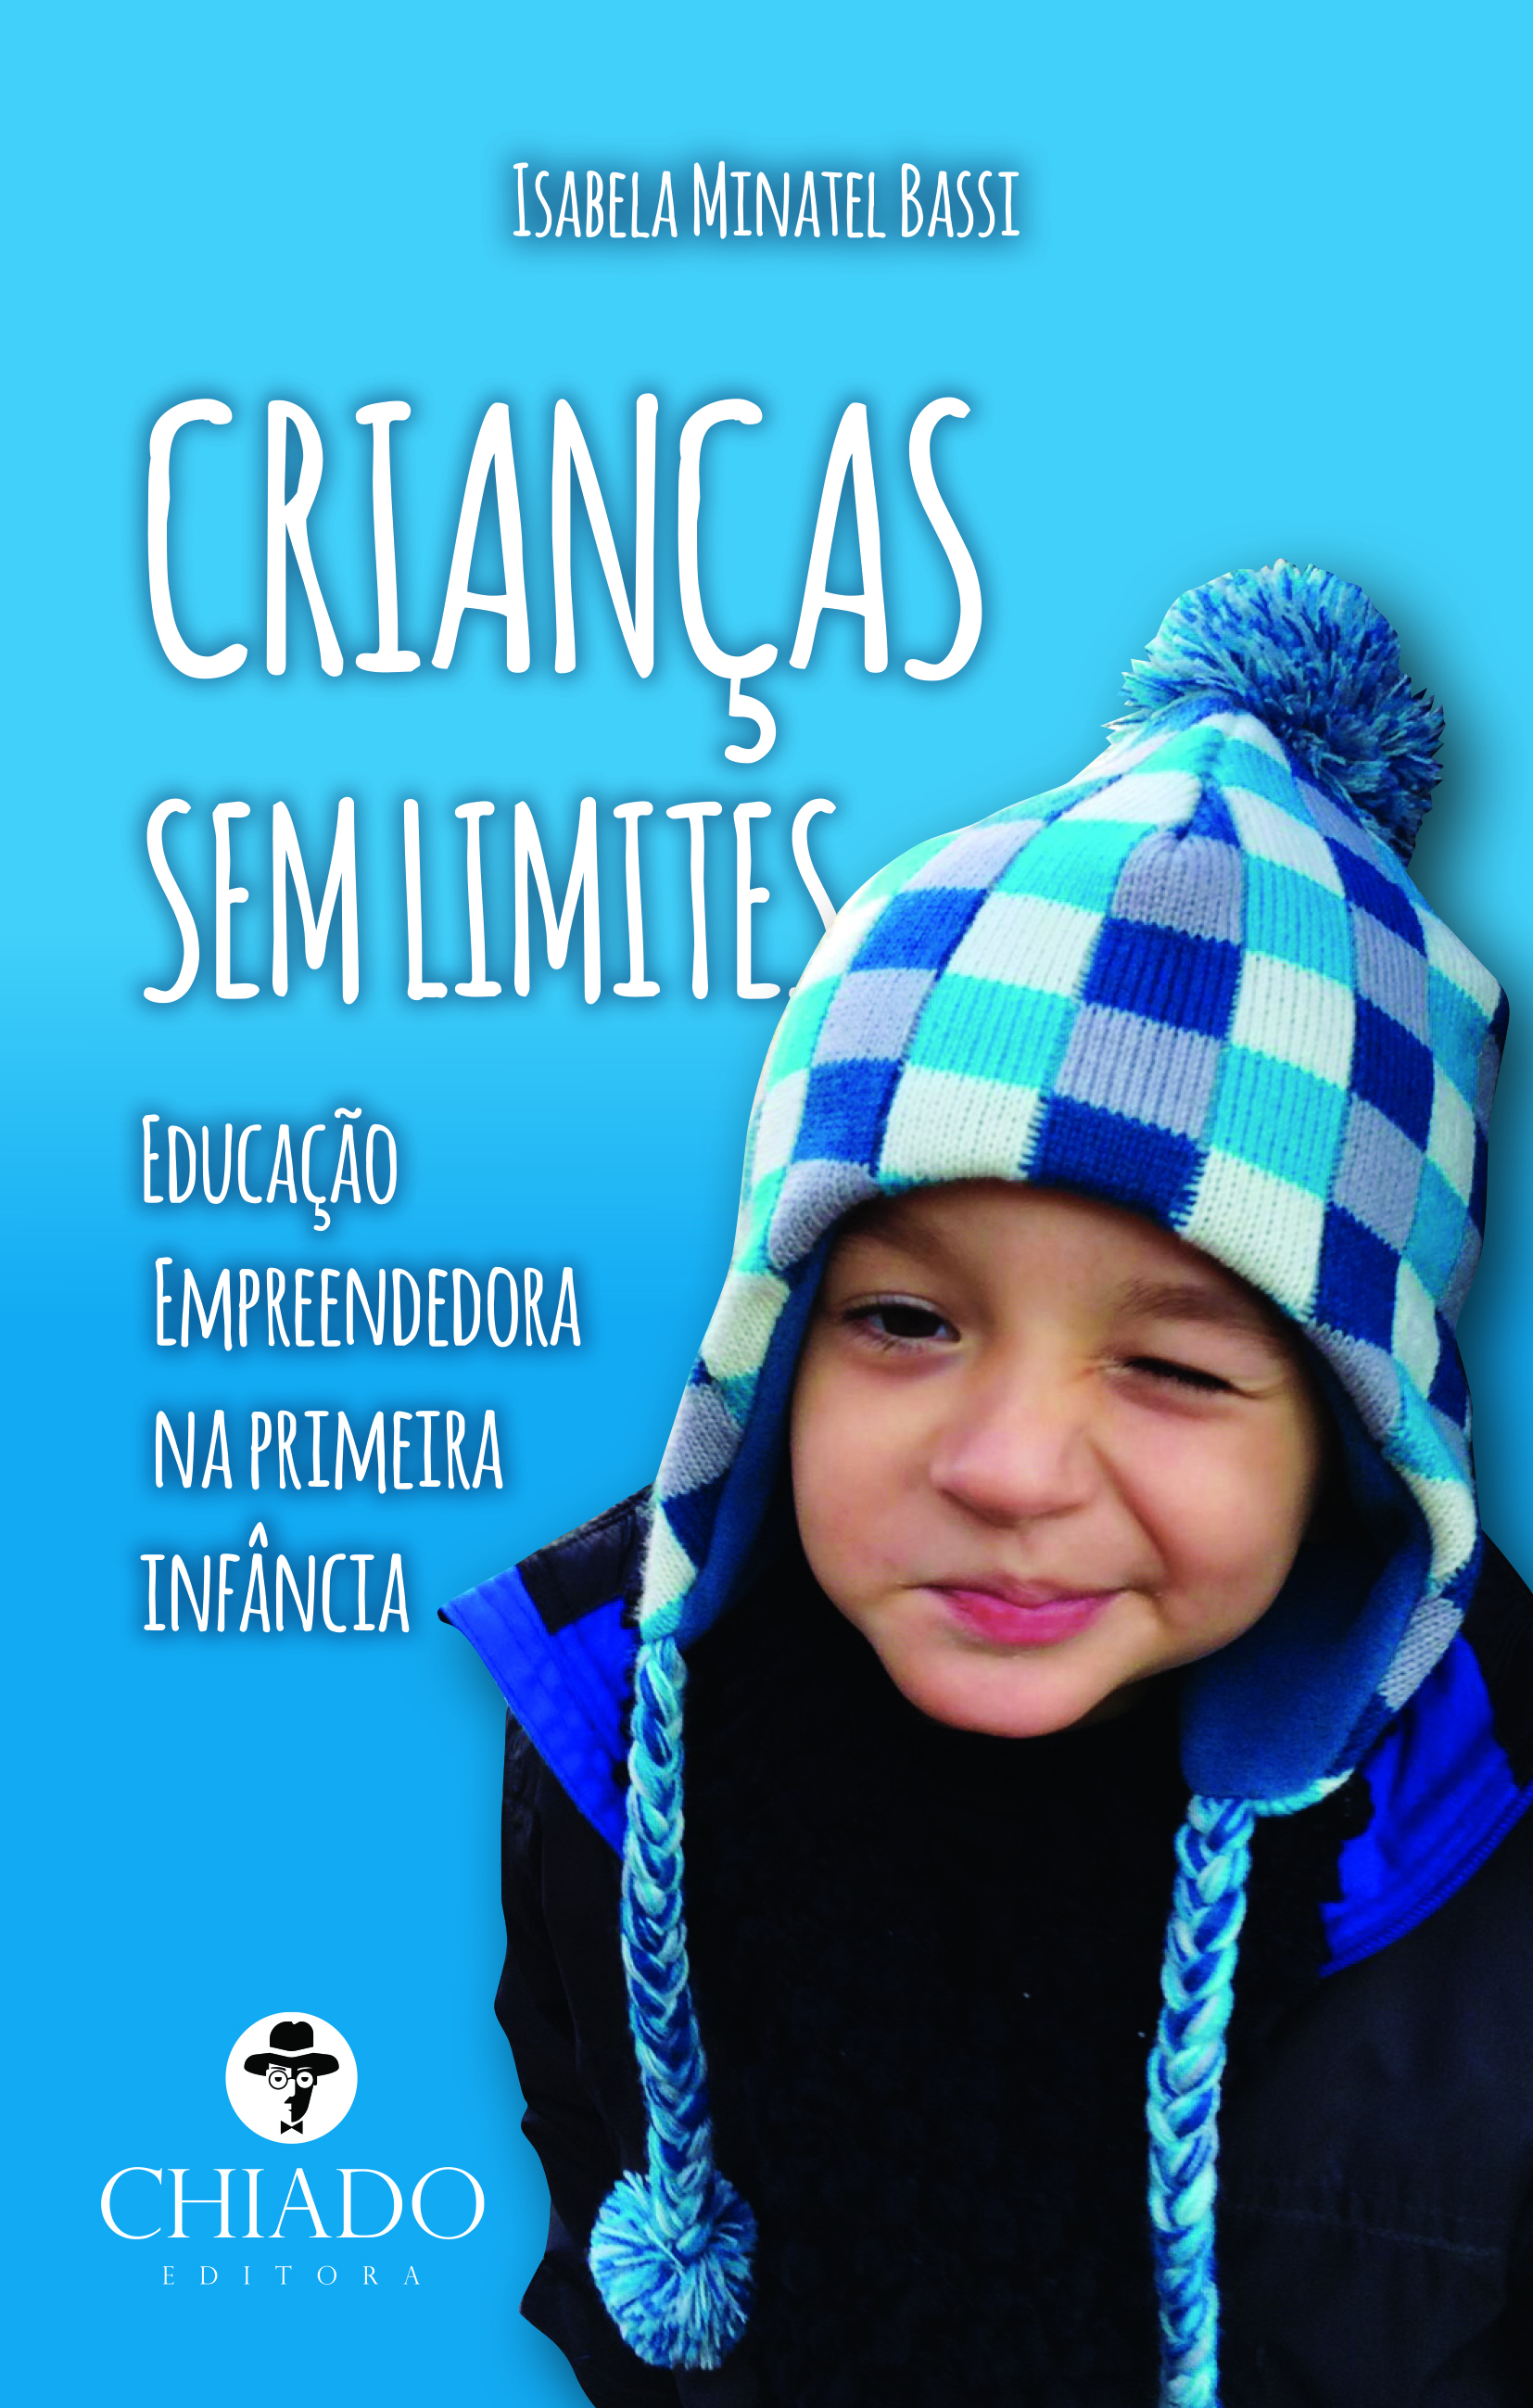 Crianças Sem Limites - Educação Empreendedora na Primeira Infância